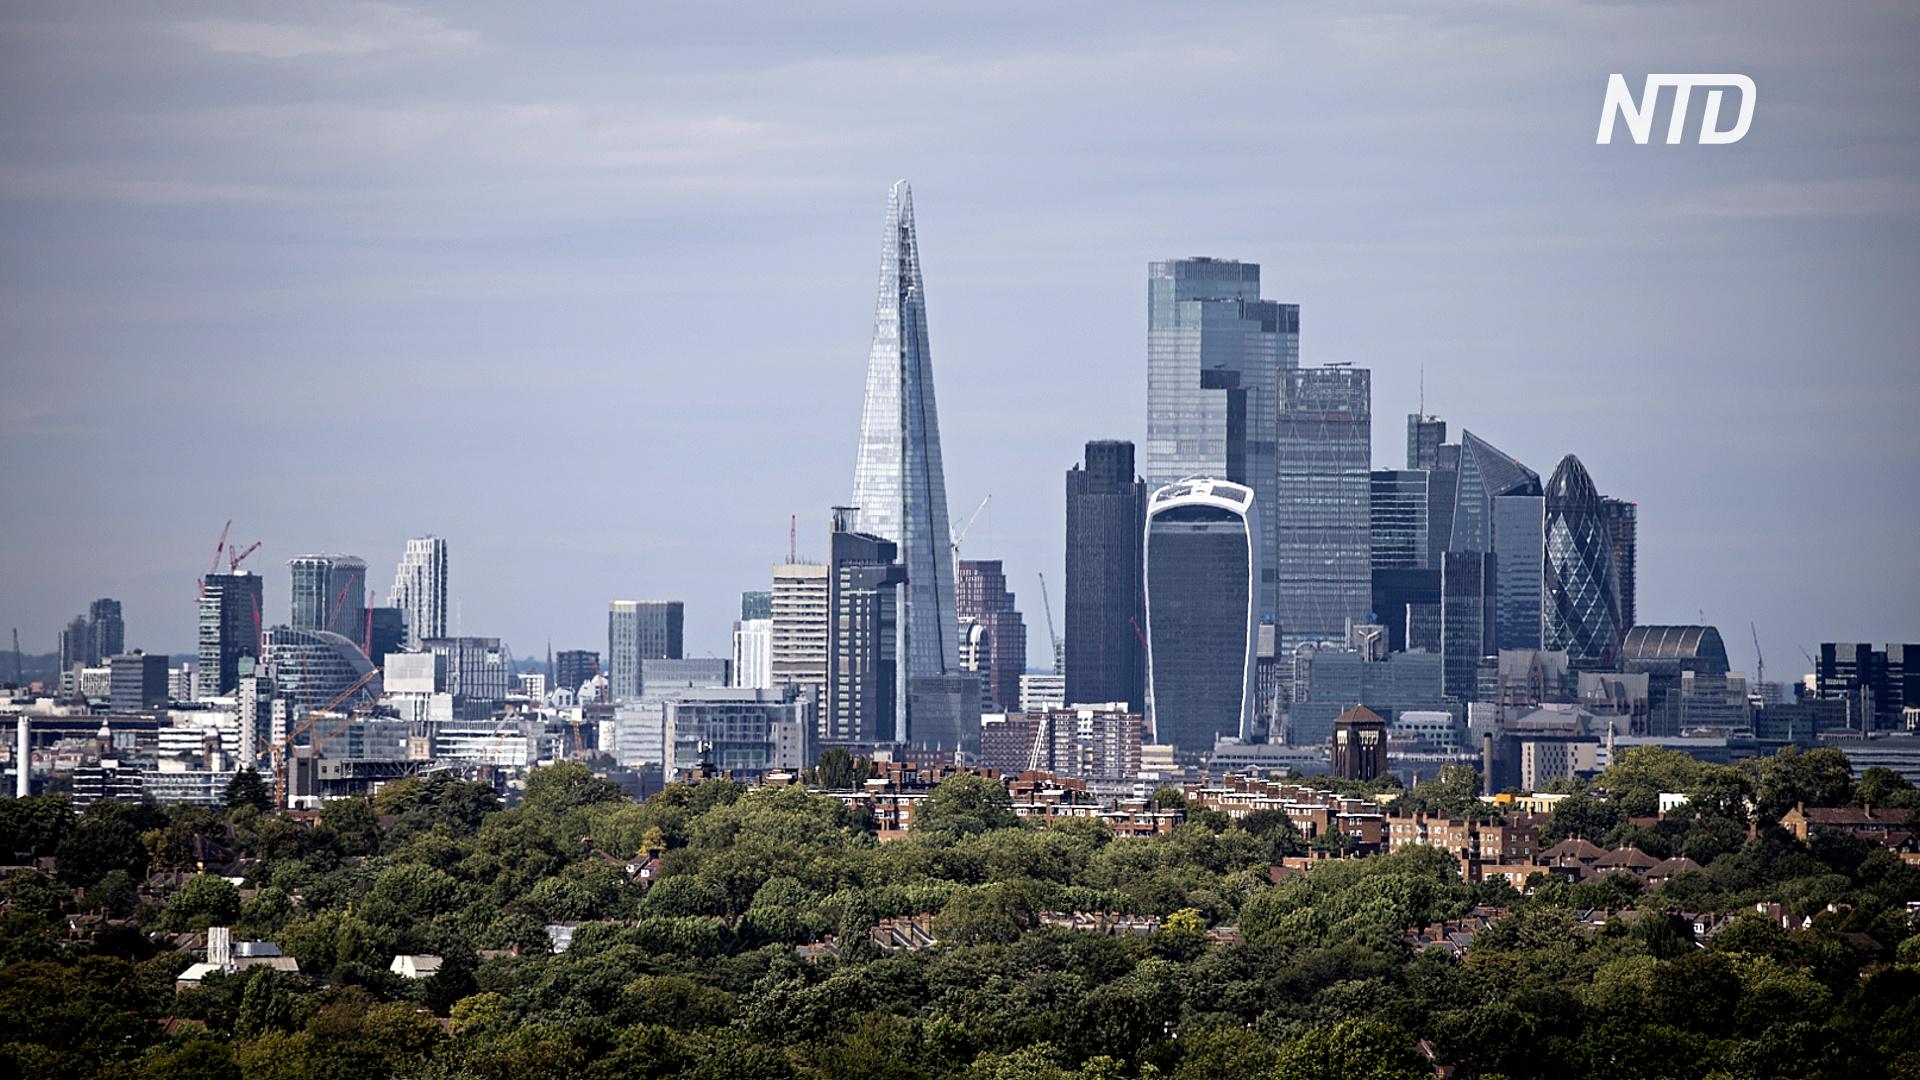 ВВП Великобритании сократился на рекордные 20,4% во втором квартале